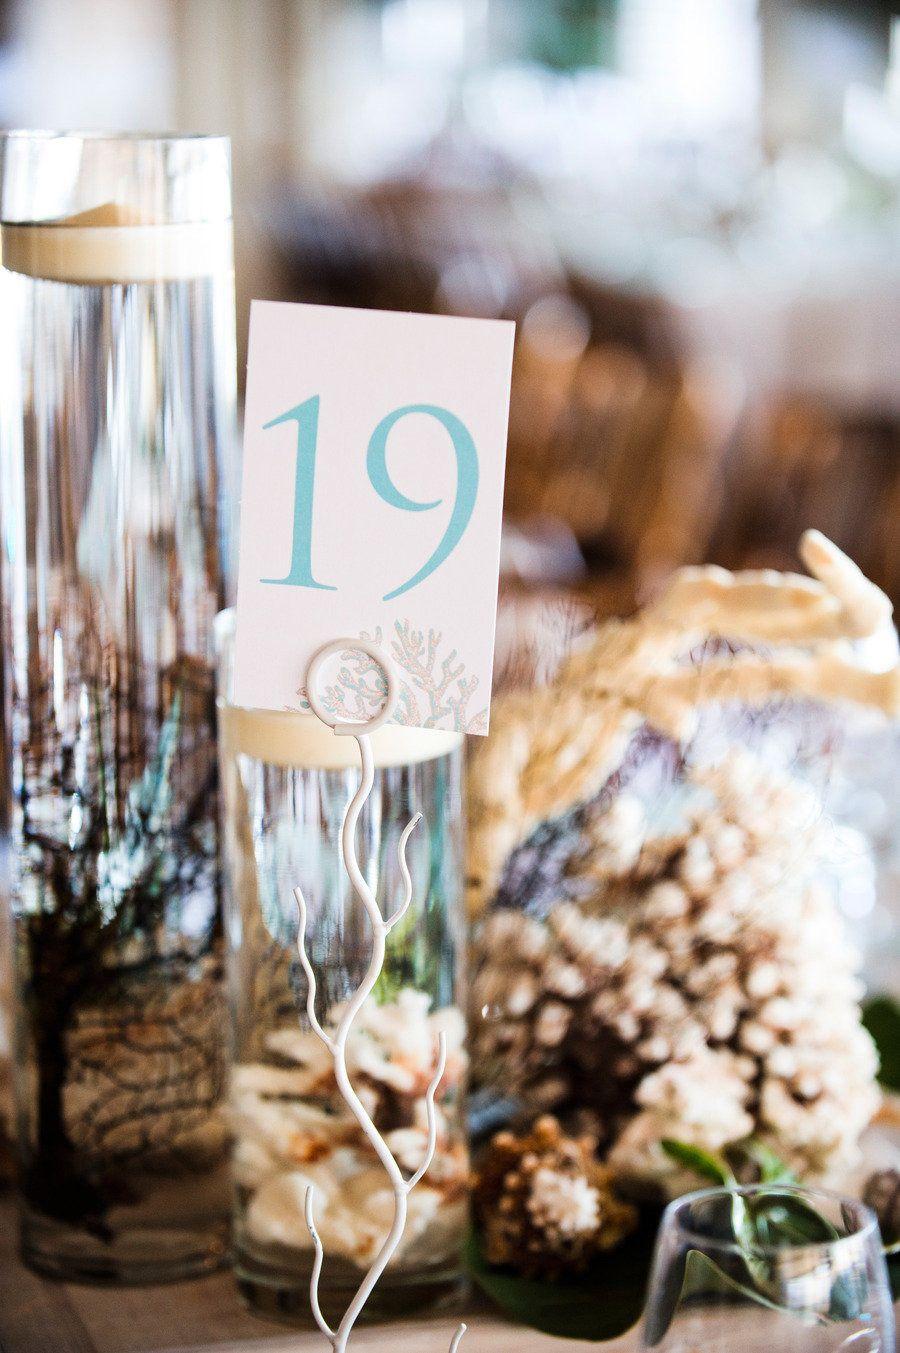 Yacht wedding decoration ideas  Clearwater Wedding at Carlouel Yacht Club by URBANcoast  Yacht club